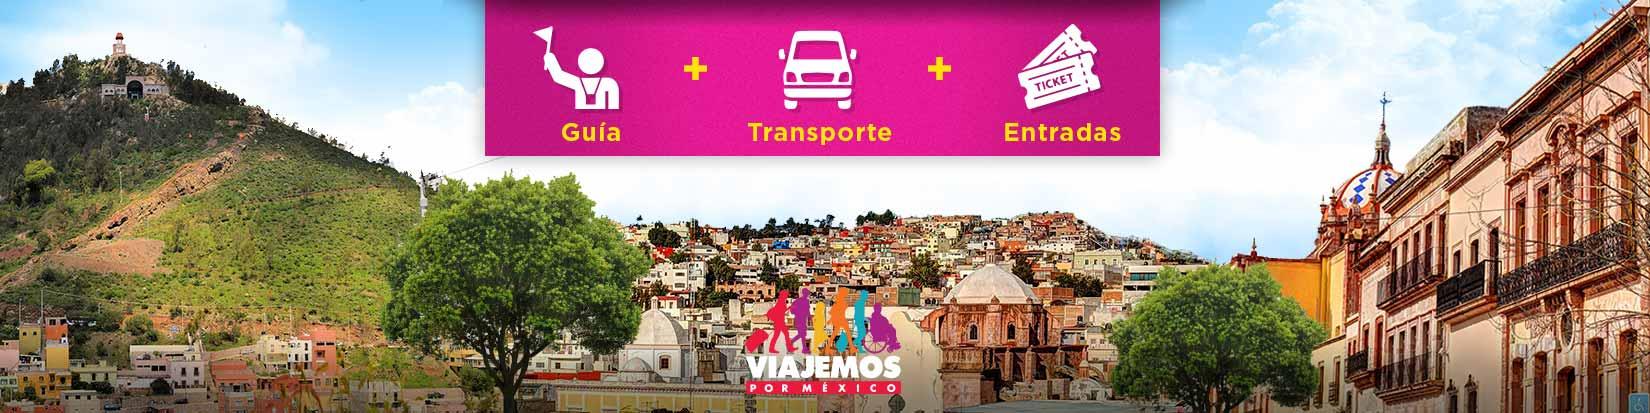 Tours / Excursiones en Zacatecas de hasta 10 hrs